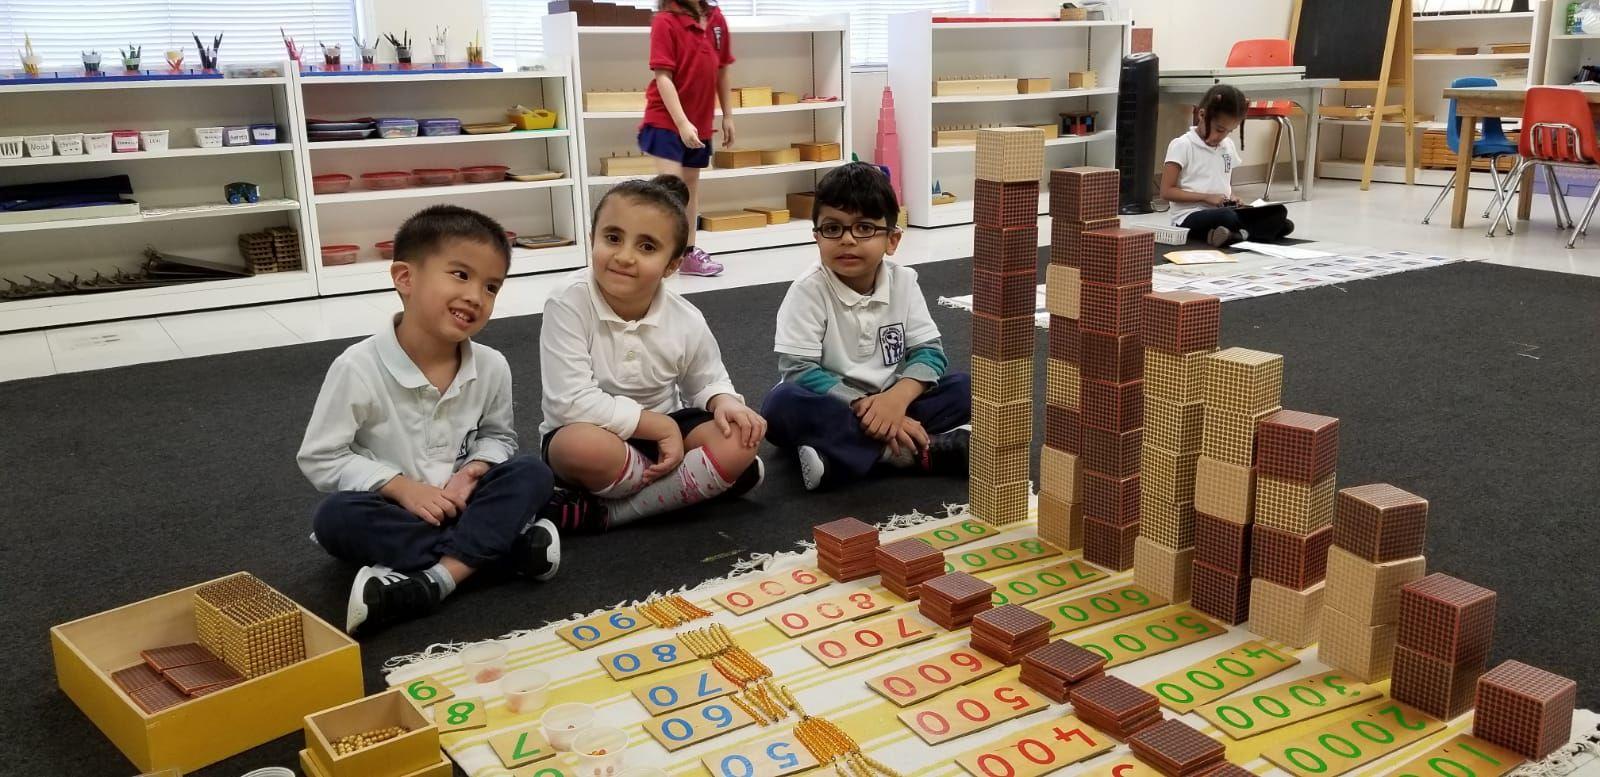 Private School In 2021 Best Private Schools Montessori Education Montessori School